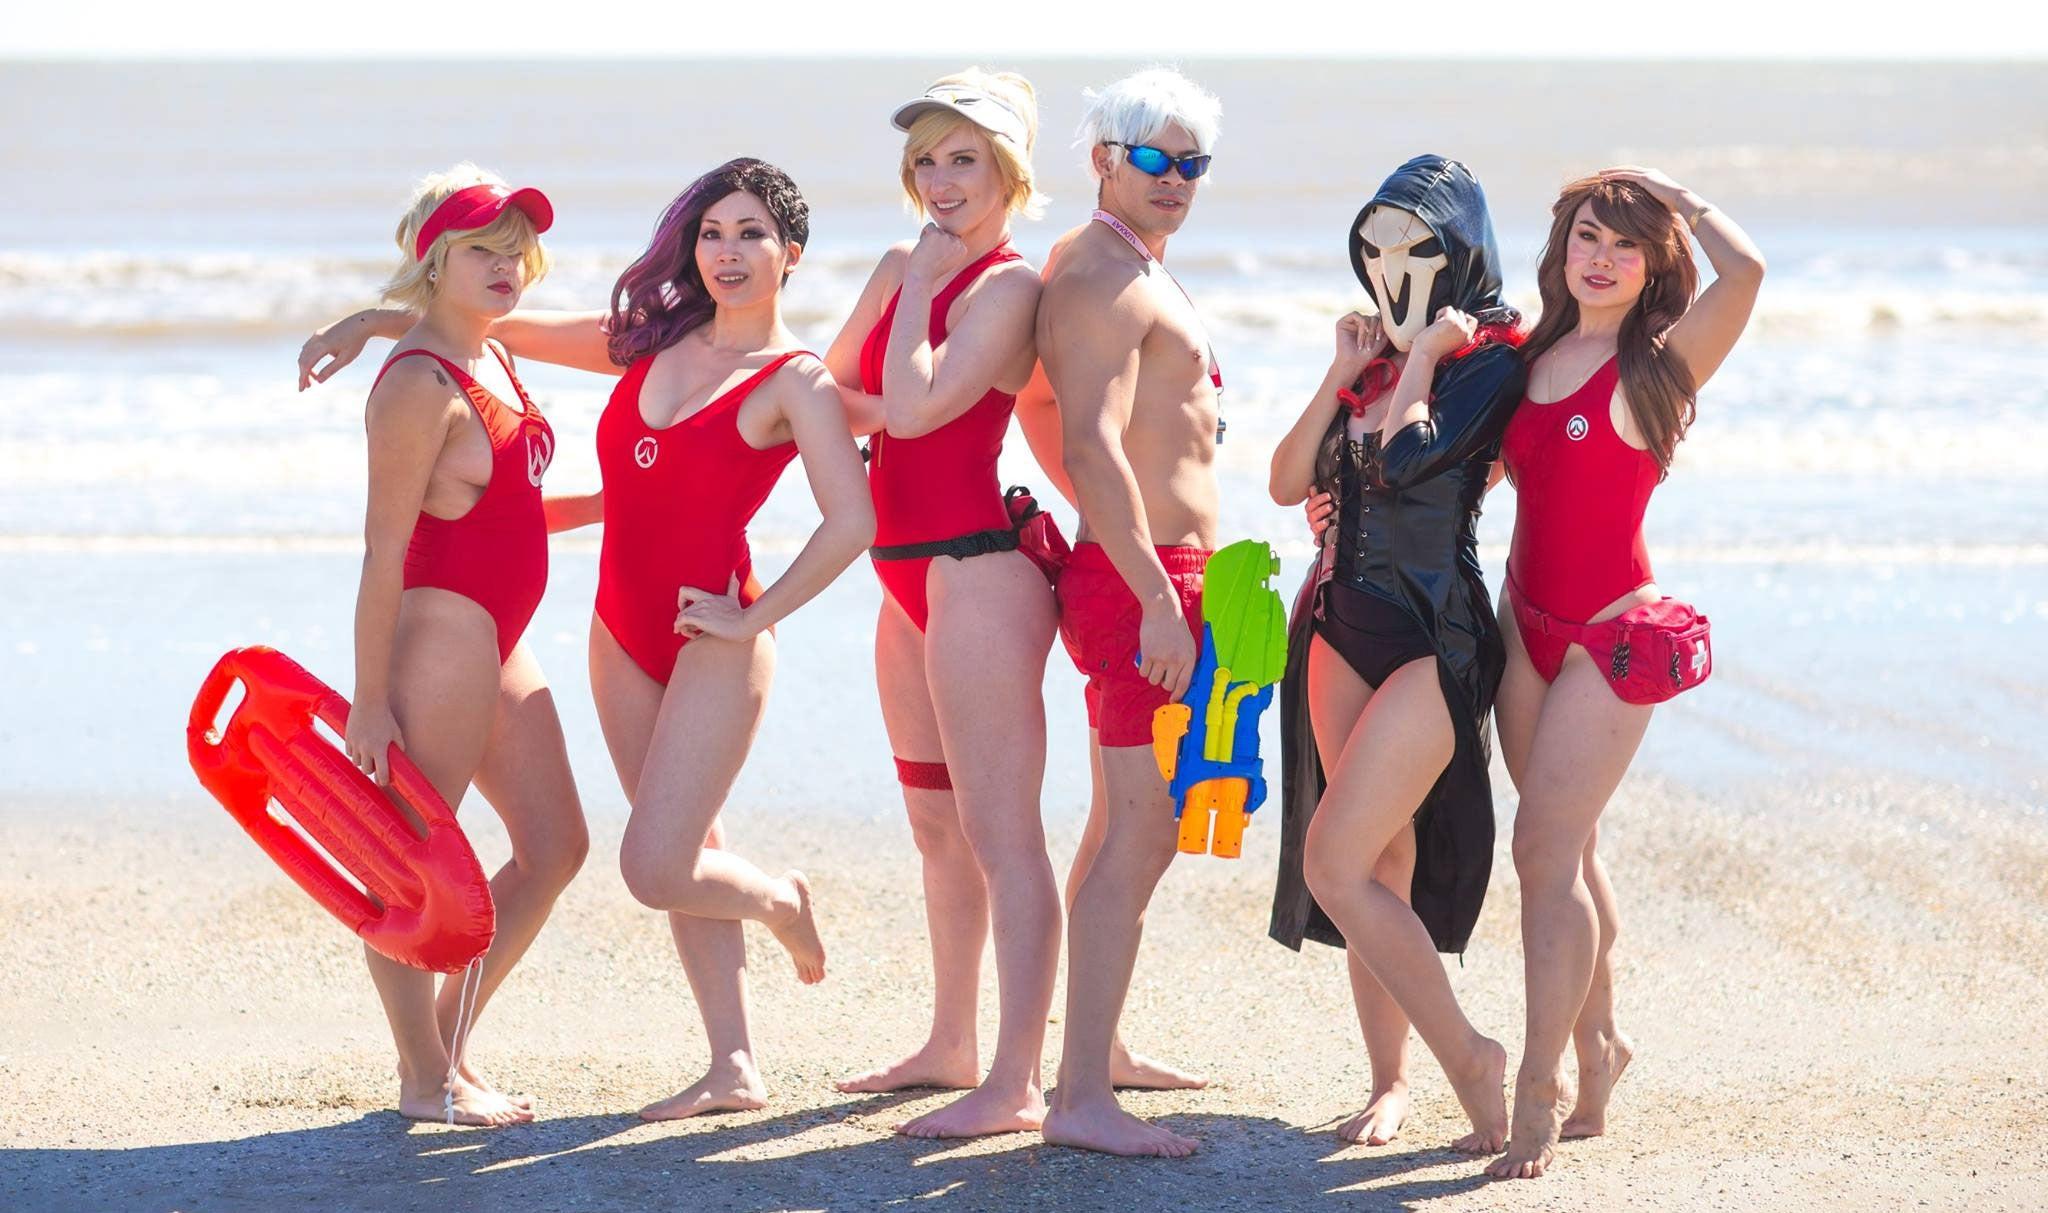 Beach show photo 45